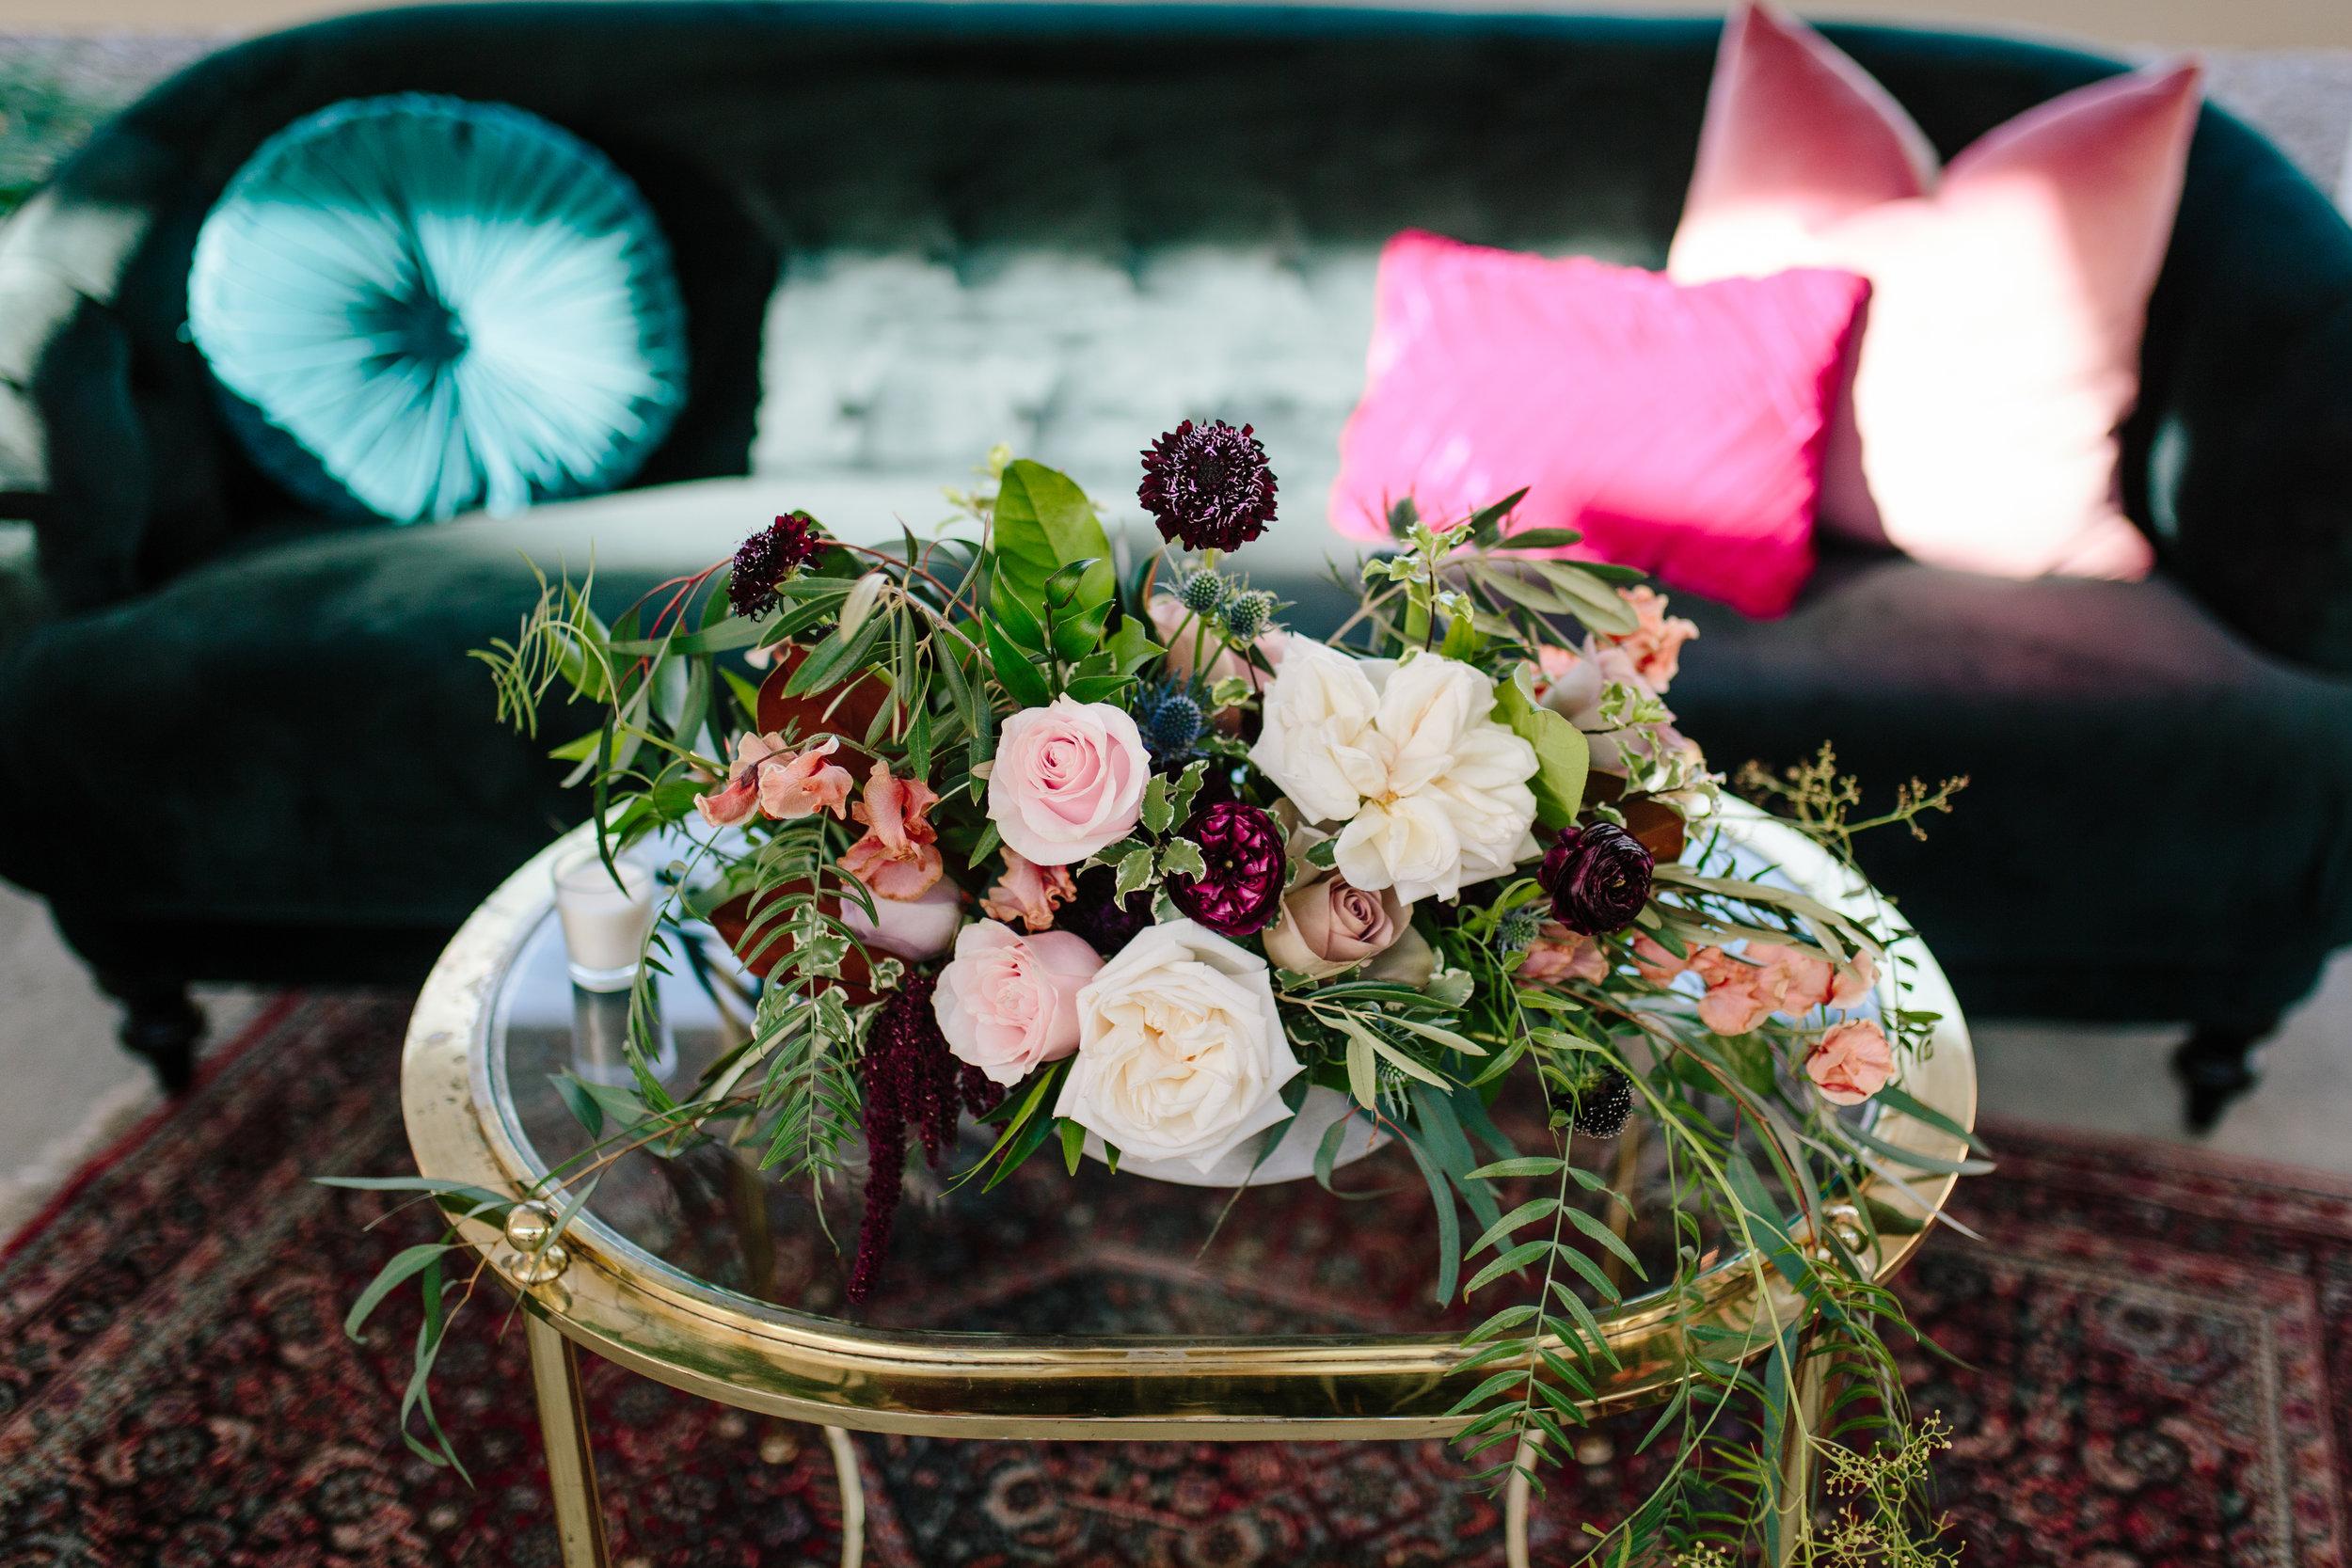 sav floral design | captured by laarne & co